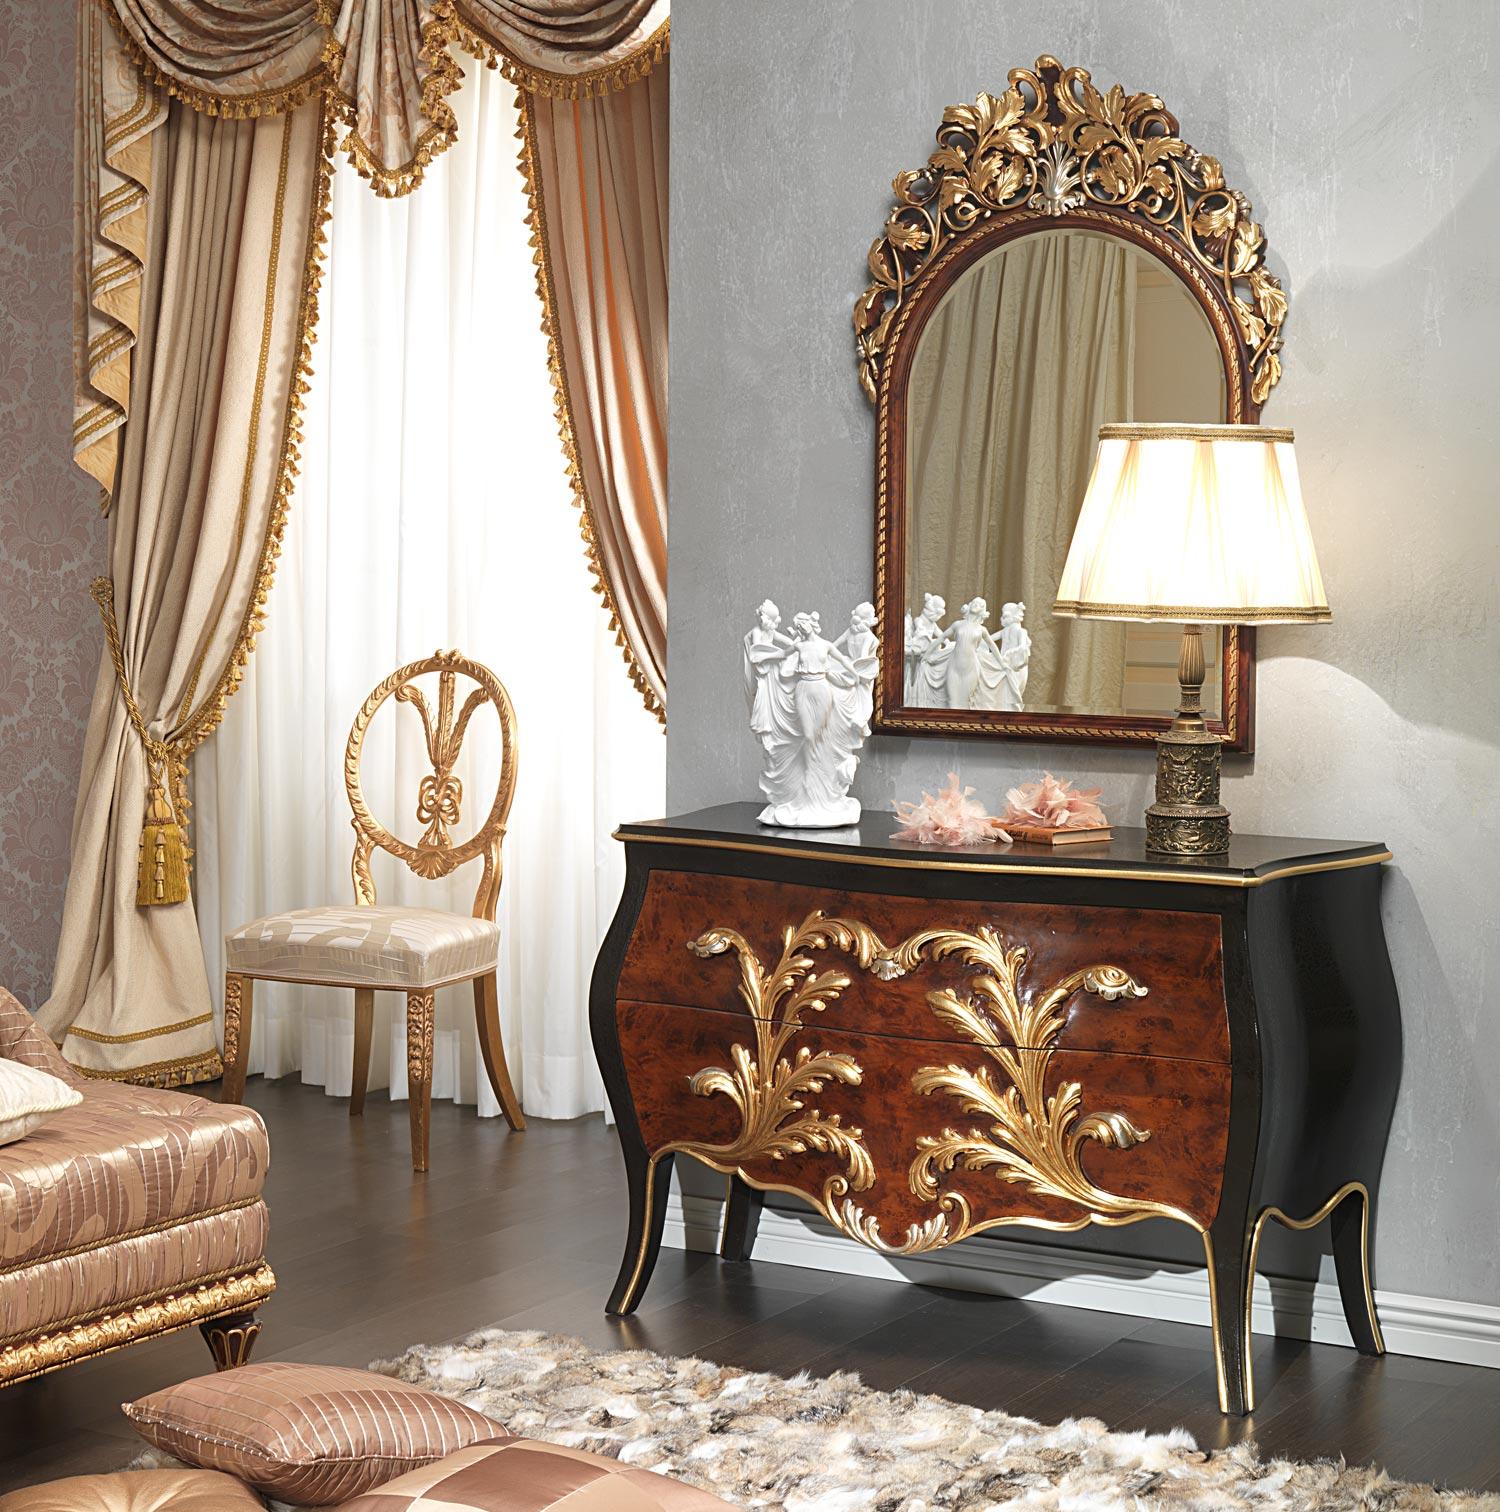 Cuisine Design Italie : Chambre à coucher style Louis XV Emperador Black, commode et miroir